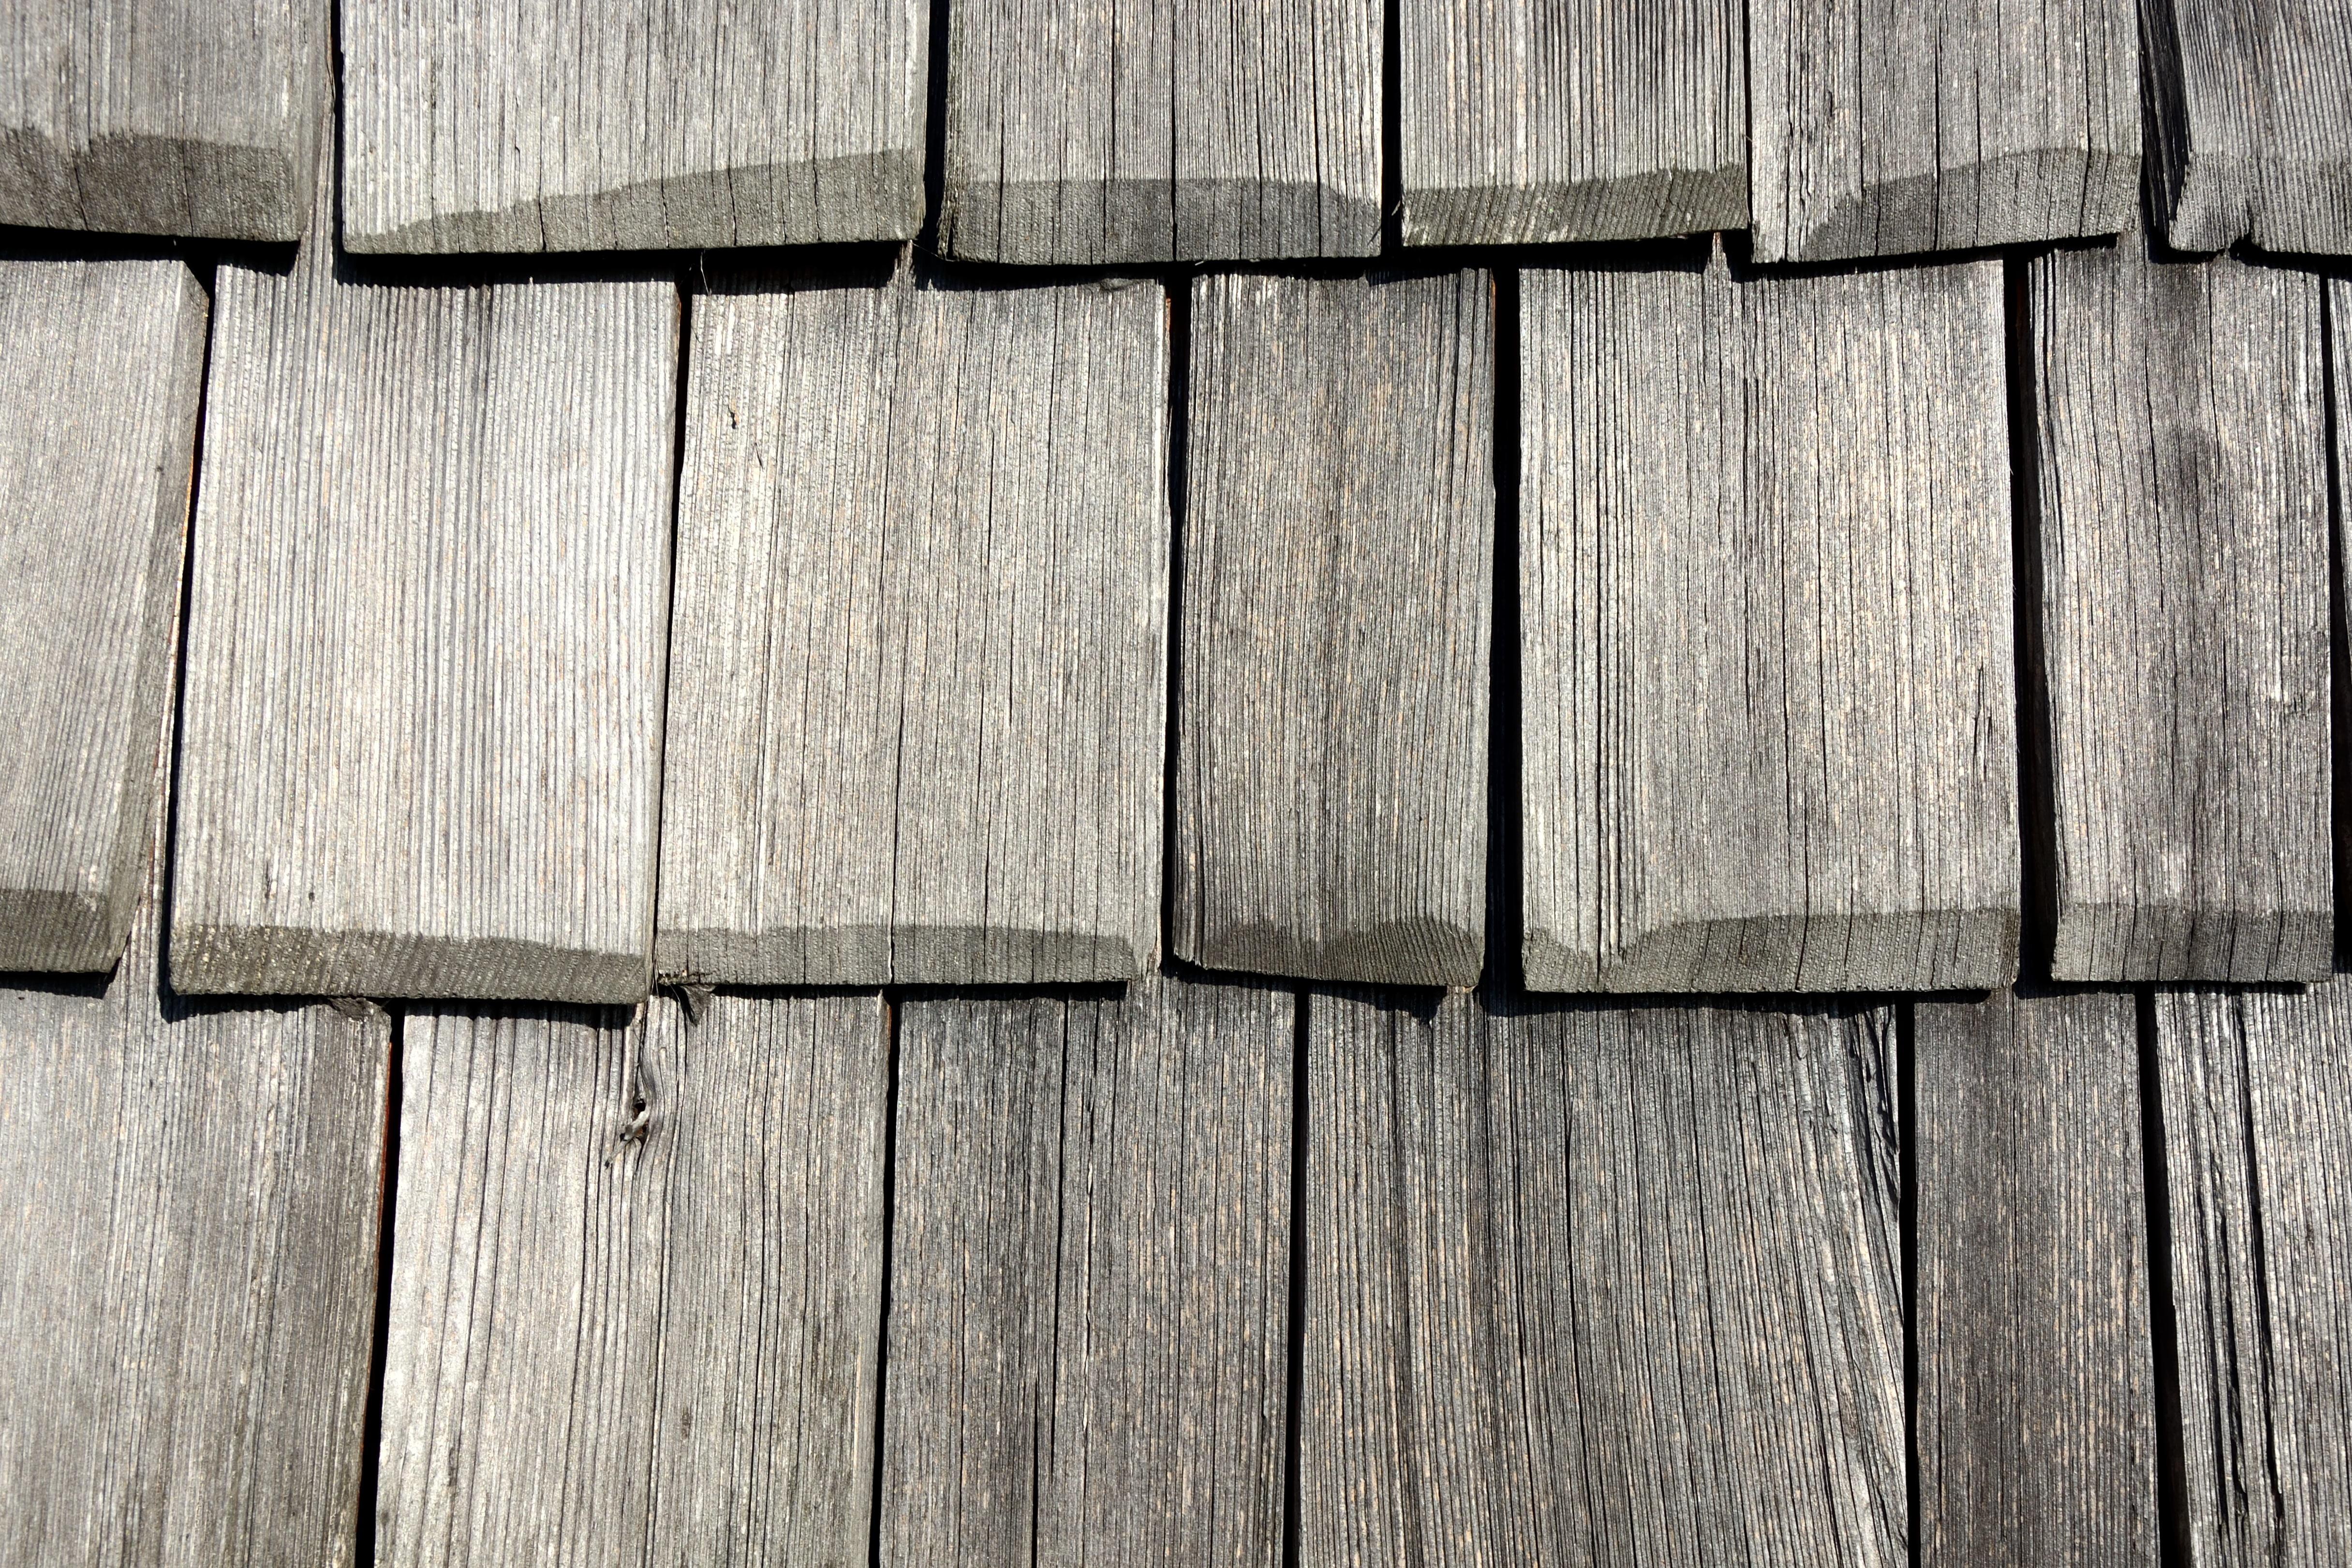 Schon Holz Textur Planke Stock Mauer Muster Linie Fliese Ziegel Holz Schindel  Hintergrund Hartholz Holzschindeln Bodenbelag Holzboden